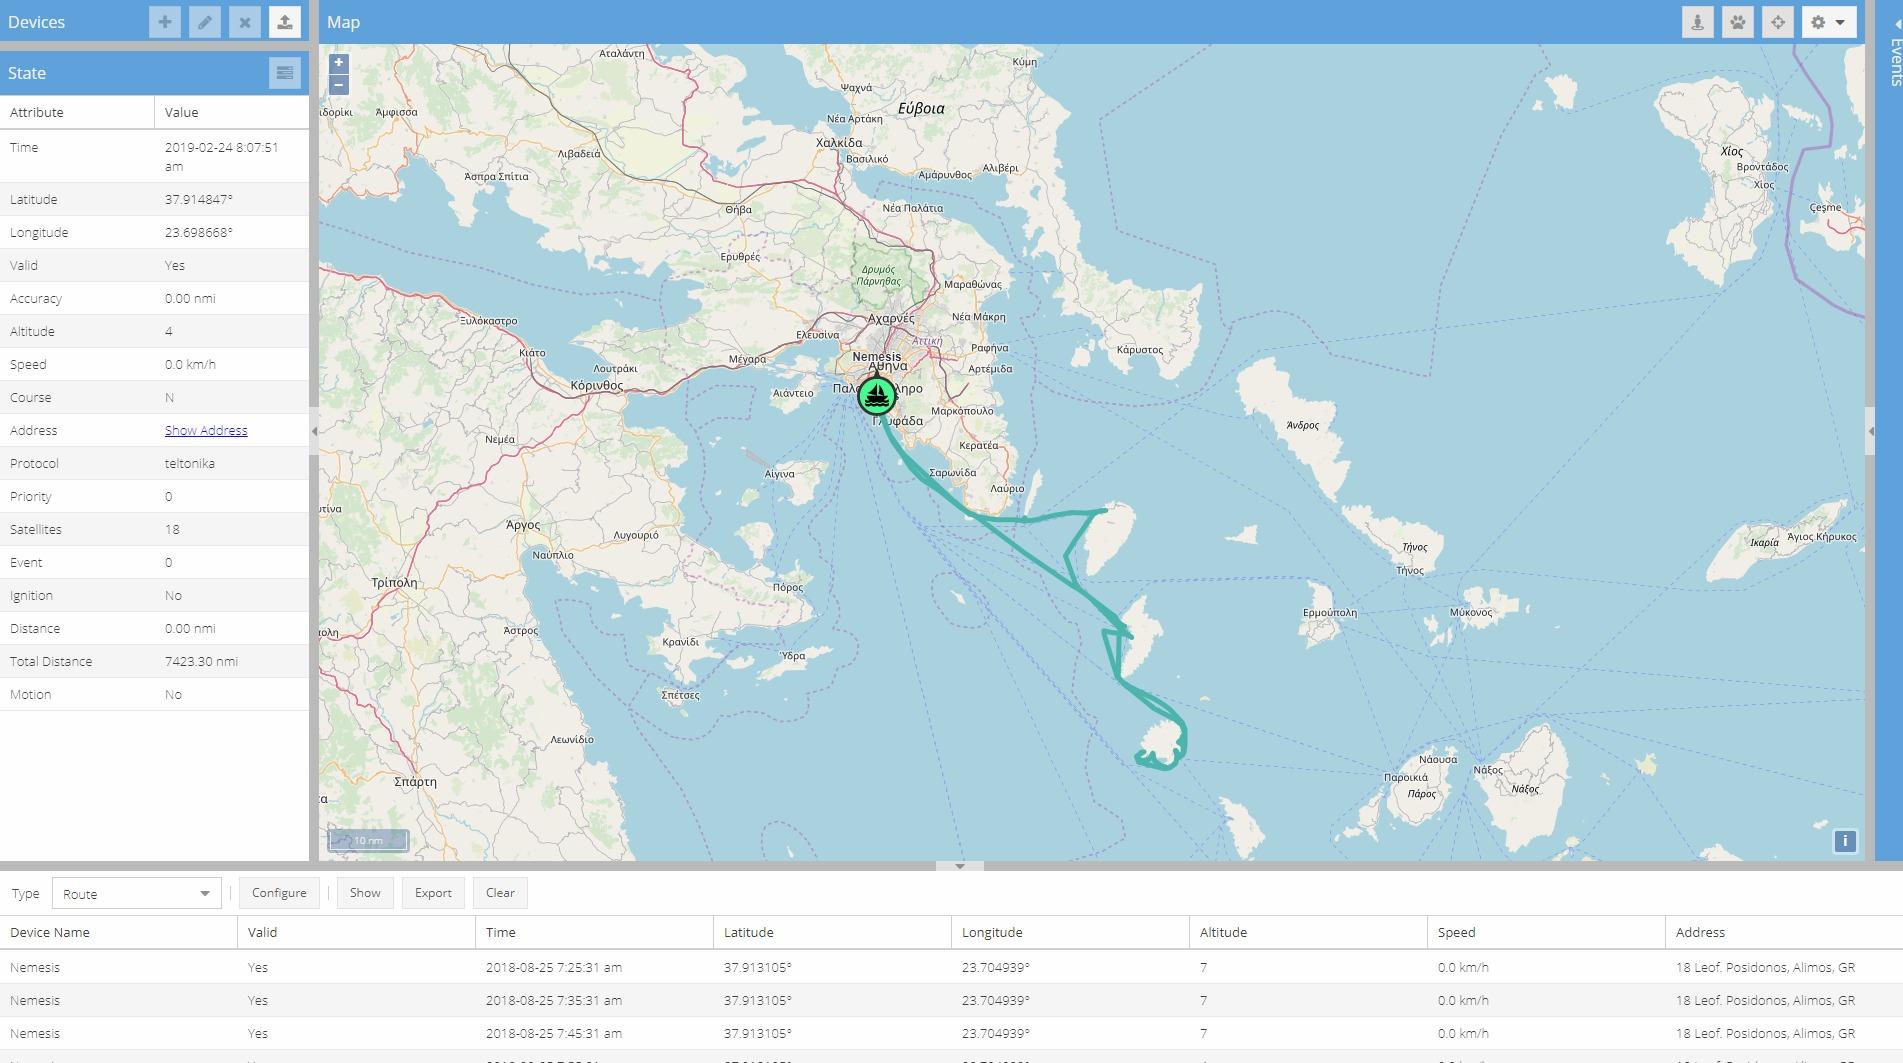 Αναφορά πορείας Tracker σε δεδομένο χρόνο